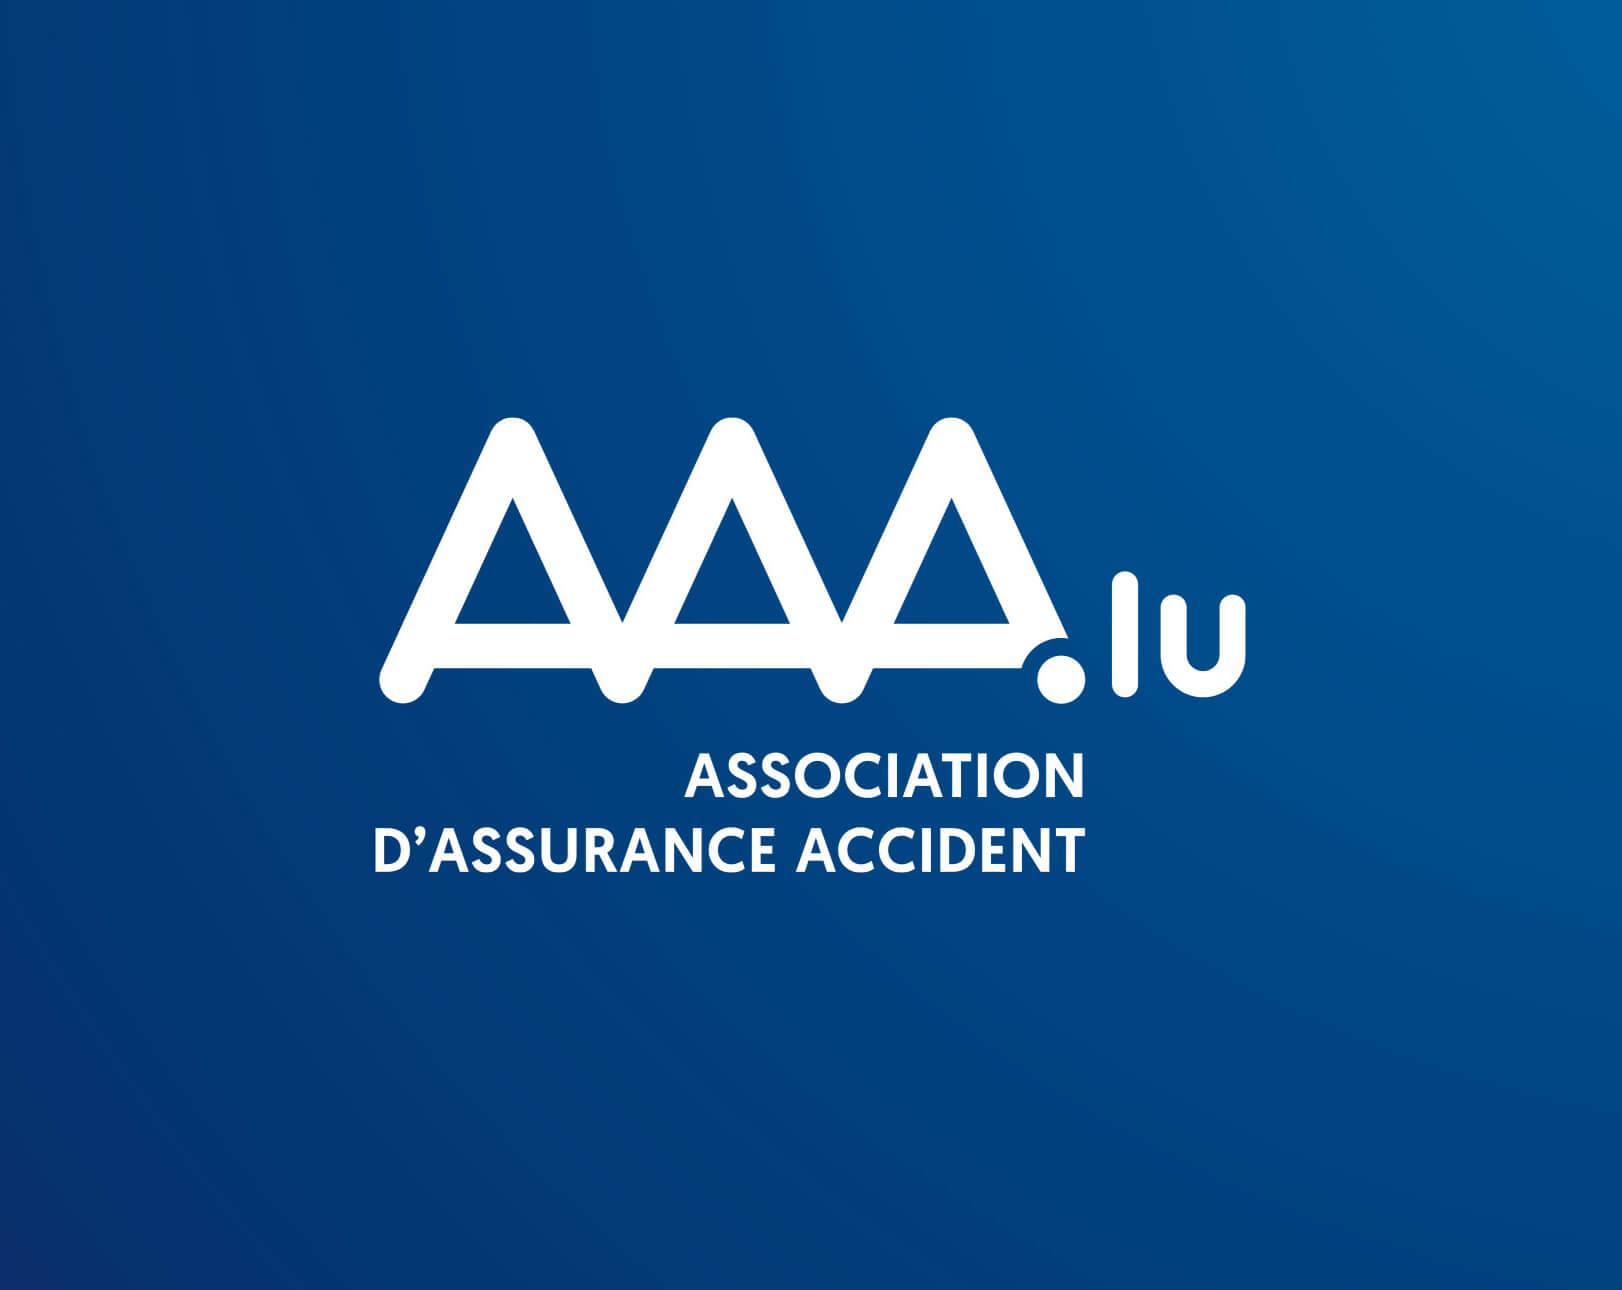 Association d'Assurance Accident - Identité visuelle